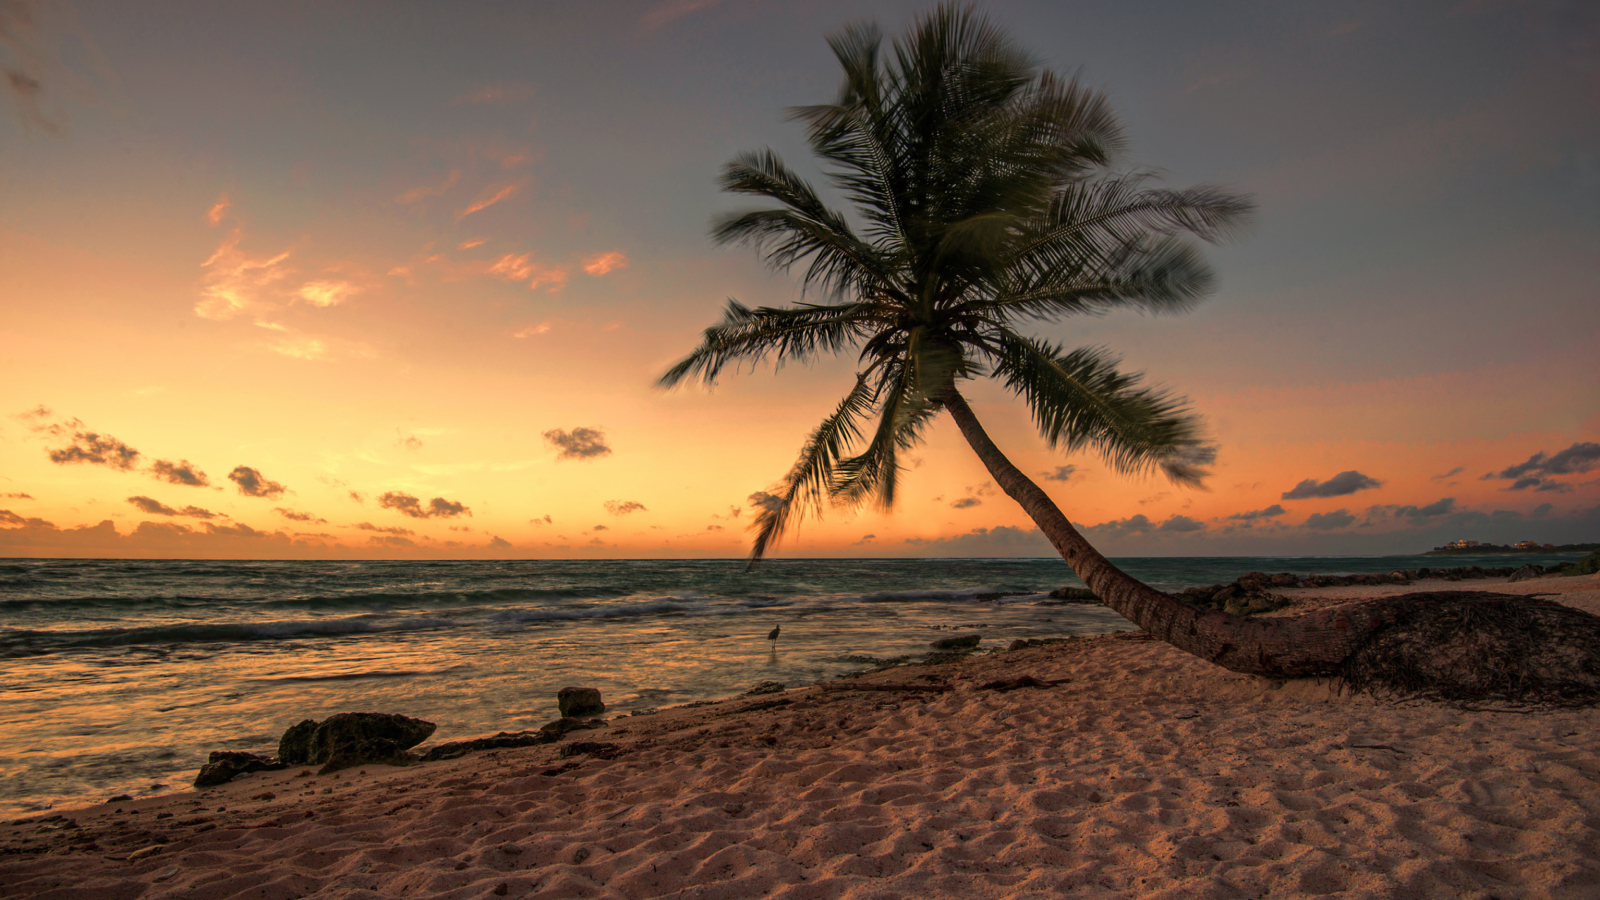 Пляж hd 1080